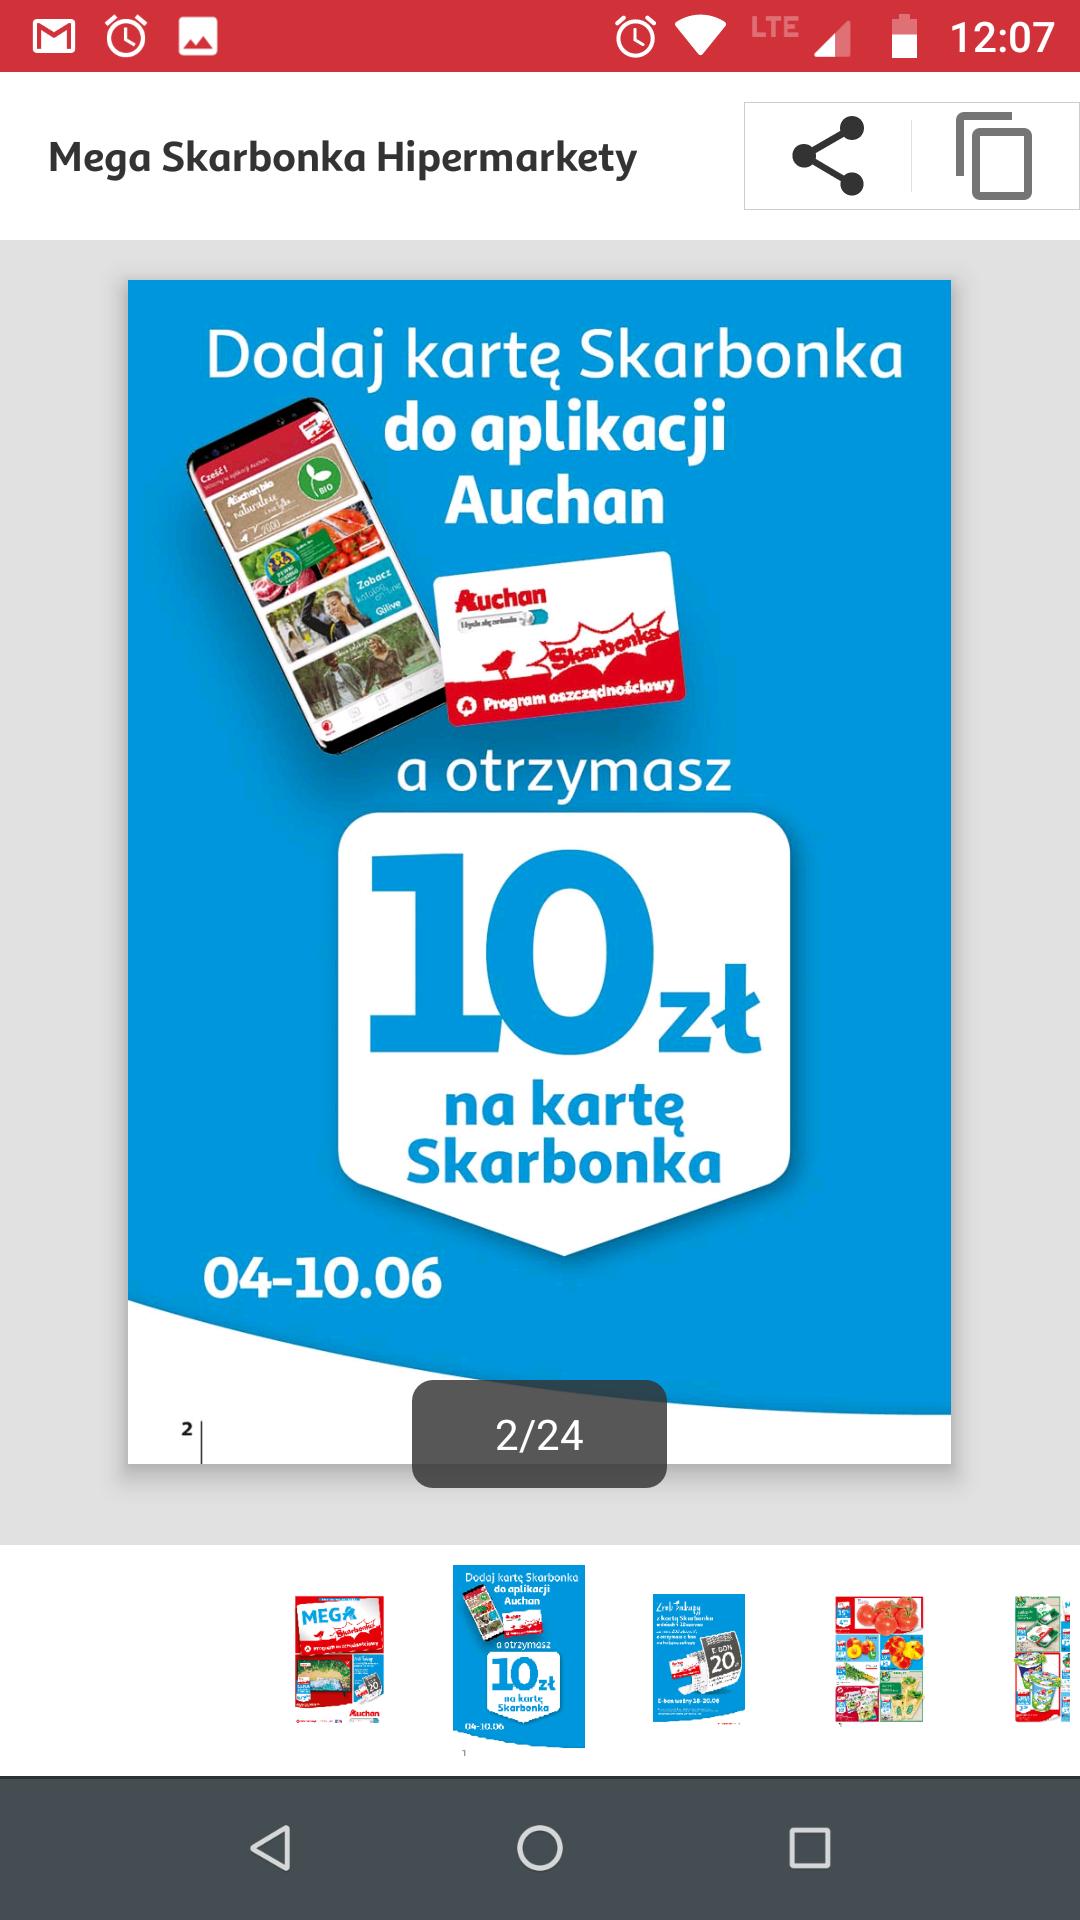 Karta Auchan -10 zł dodatkowo na kartę Skarbonka